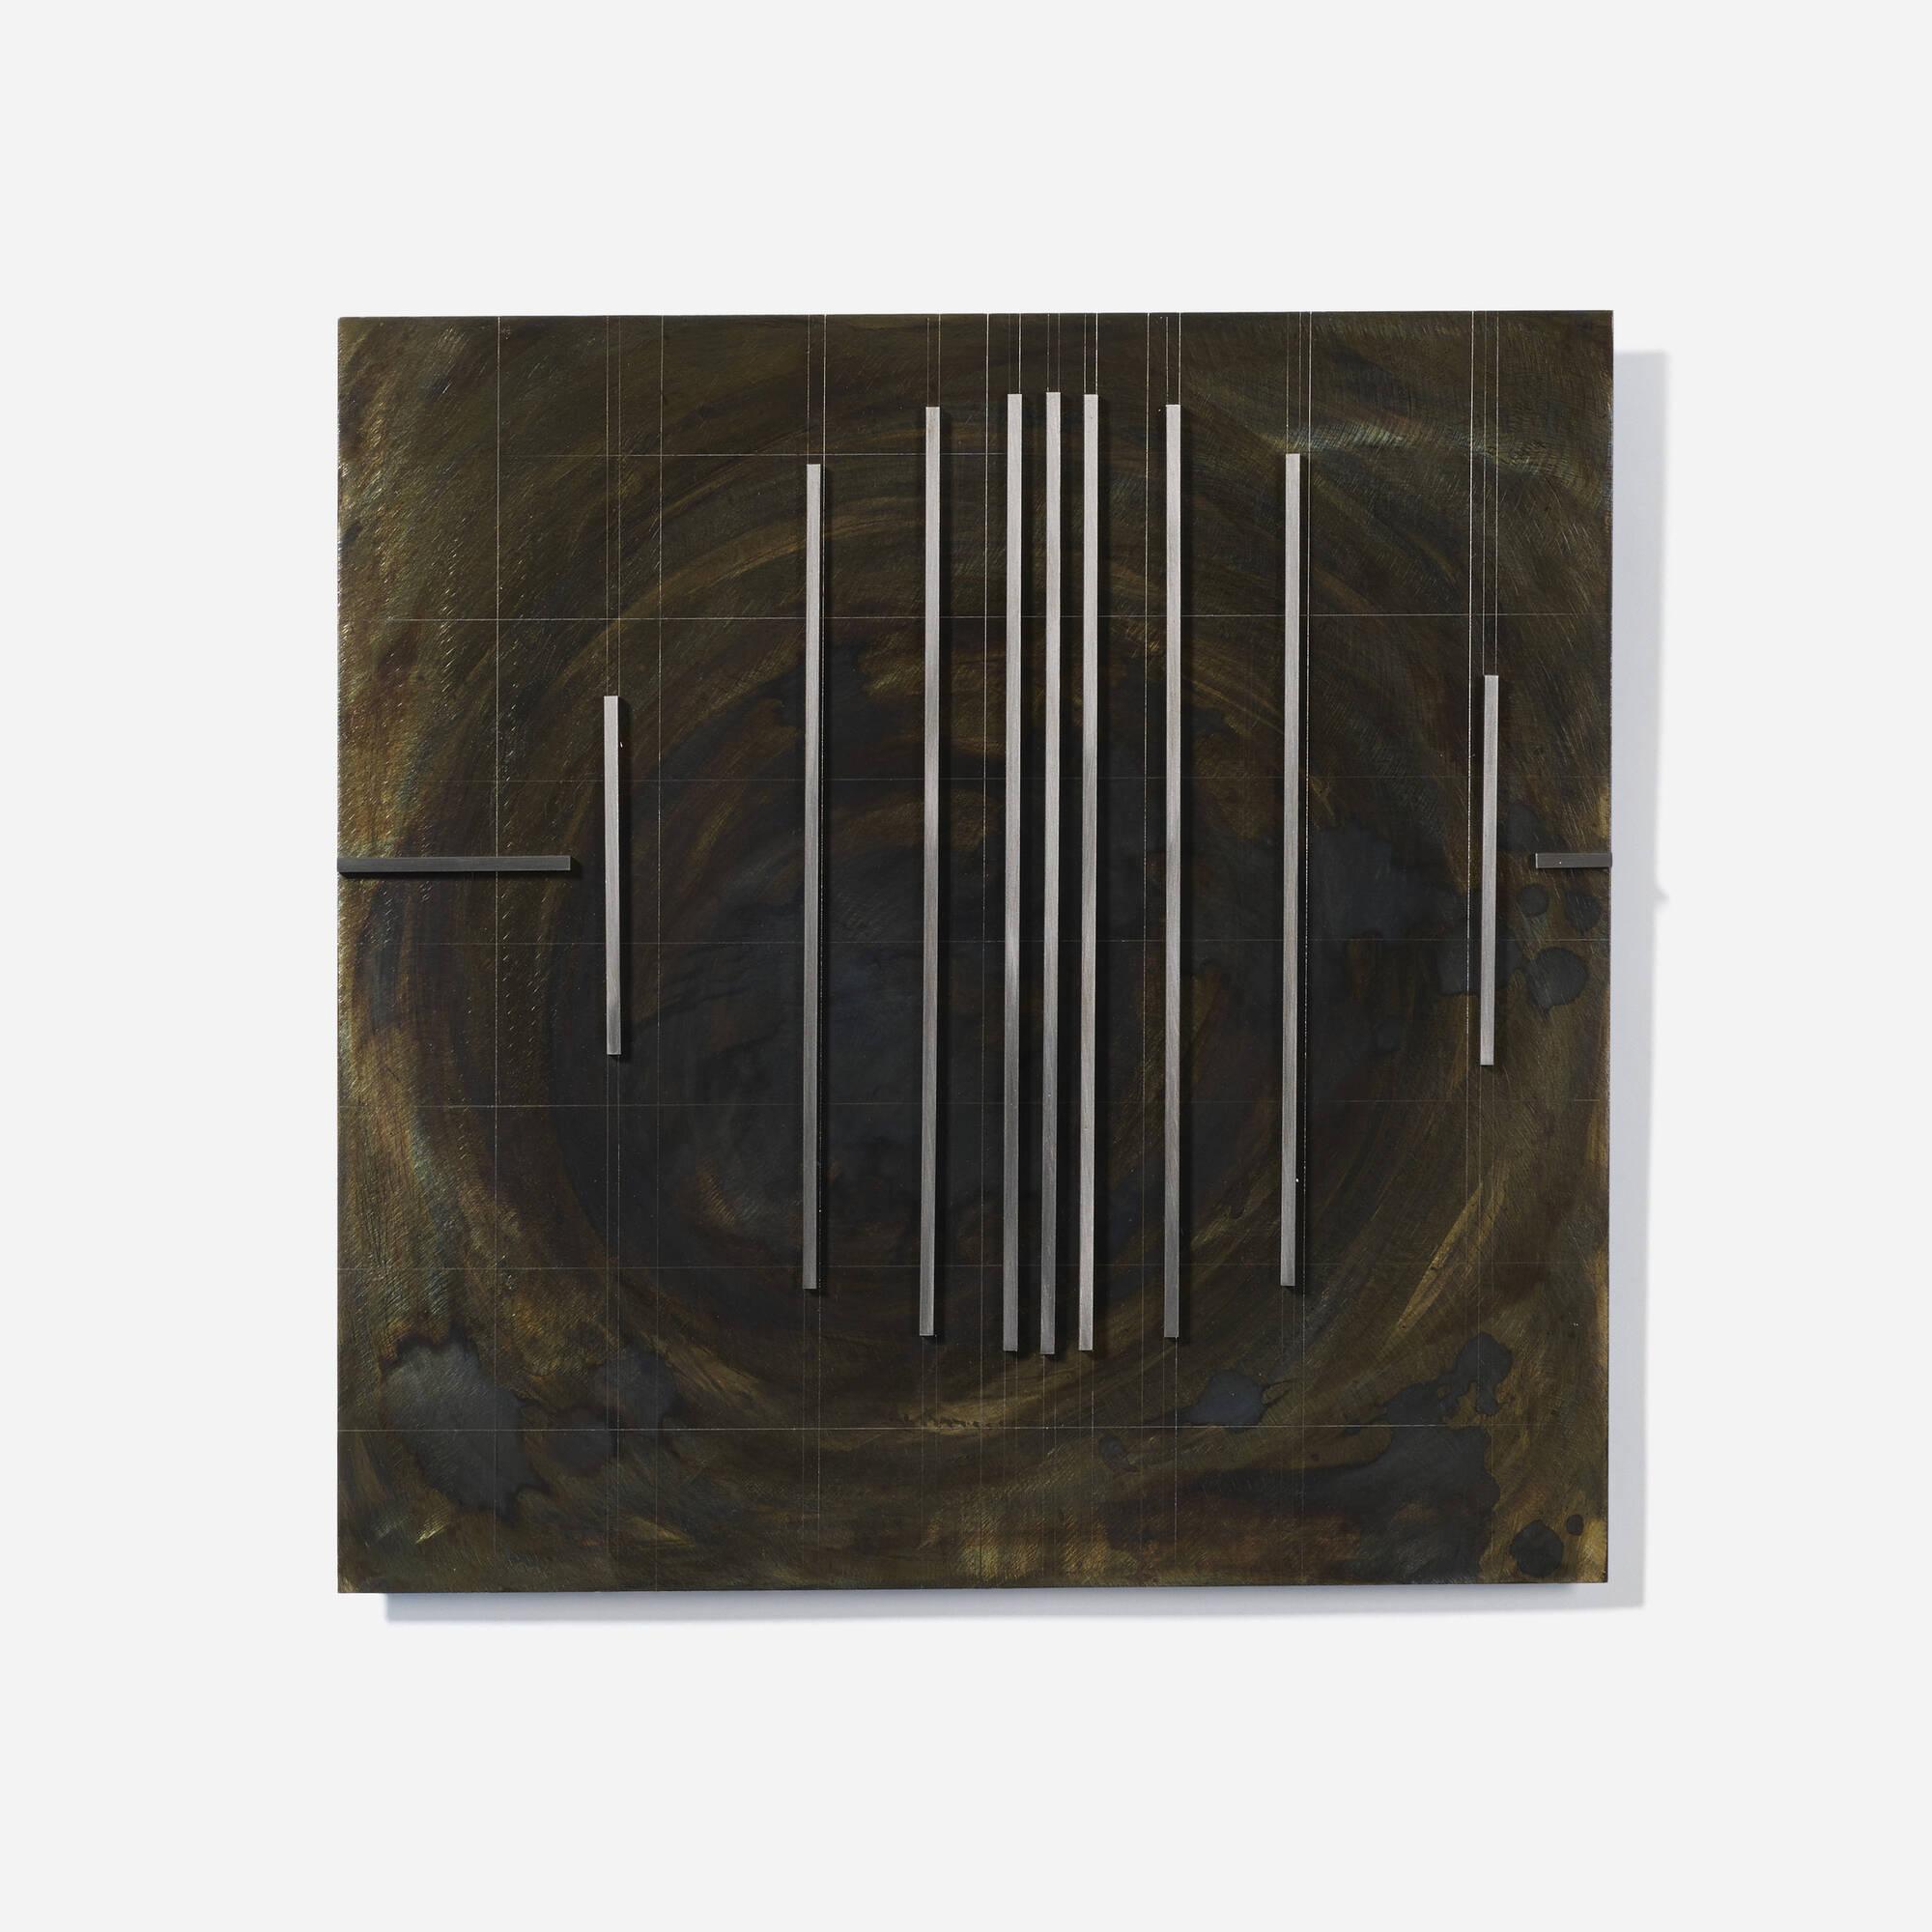 133: David Barr / Gossamer No. 14 (1 of 3)